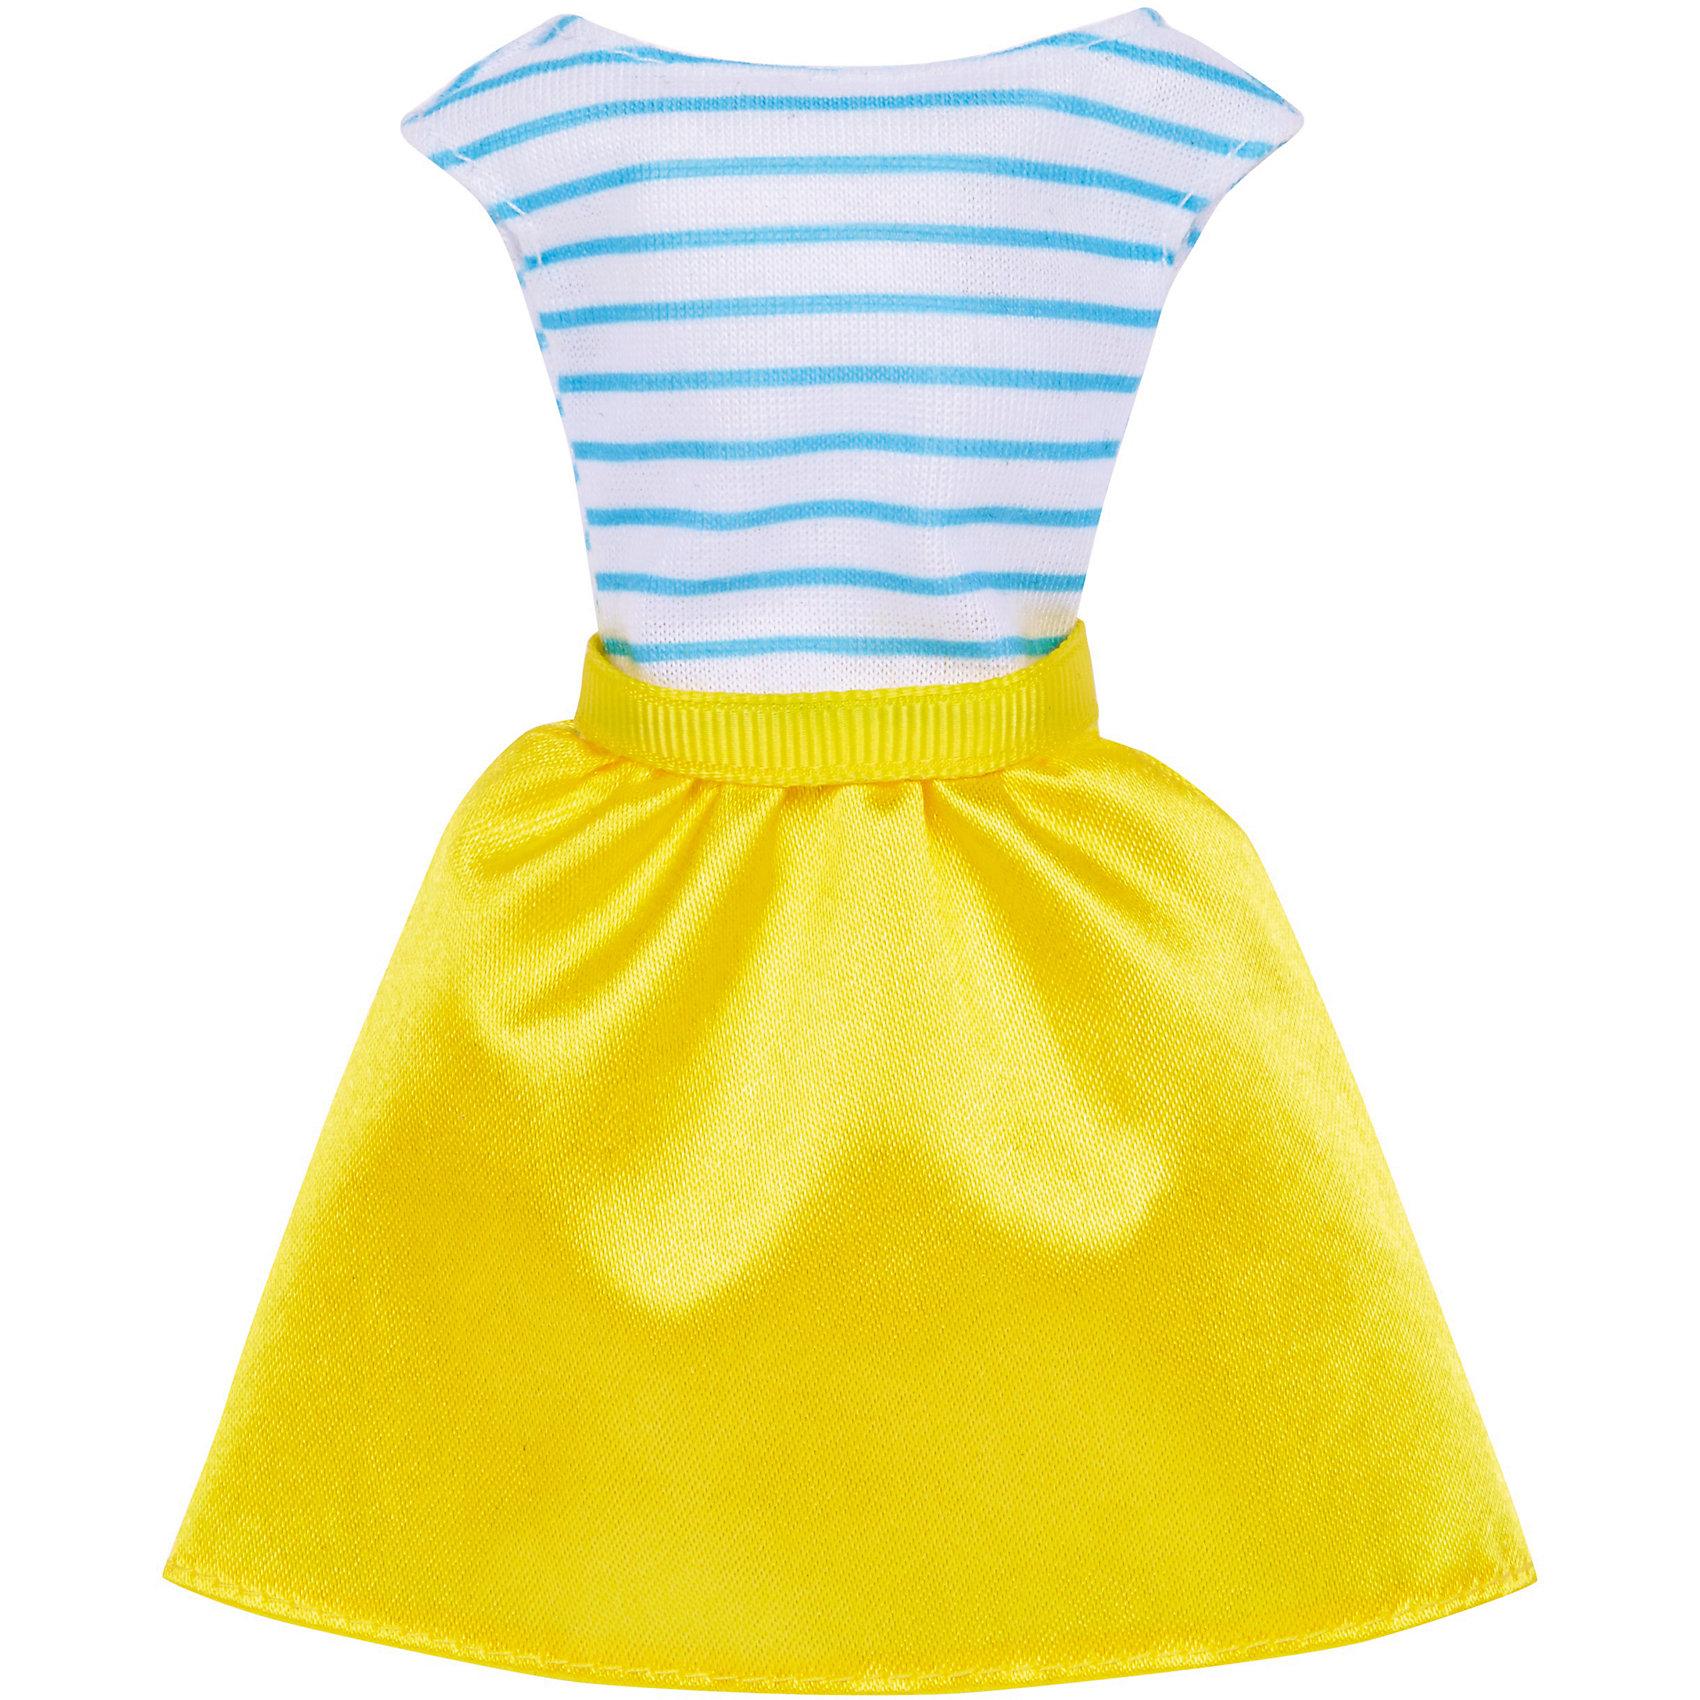 Одежда для Barbie Игра с модойПопулярные игрушки<br>Одежда для Barbie Игра с модой – это изящные комплекты одежды для любимой куклы Барби.<br>Когда возможности безграничны, гардероб должен быть таким же! В этих ультрамодных нарядах кукла Барби (продается отдельно) будет неотразима с утра до вечера. У платьев простой, но элегантный покрой, современная расцветка, рисунок и детали. Они позволят создать множество ярких и разнообразных образов (предметы продаются по отдельности). Если собрать всю коллекцию одежды для куклы Барби, можно будет подобрать наряды для самых разных сюжетов!<br><br>Дополнительная информация:<br><br>- В наборе: одно платье<br>- Кукла продается отдельно<br>- Платья подходят для большинства кукол Барби<br>- Материал: текстиль<br><br>Одежду для Barbie Игра с модой можно купить в нашем интернет-магазине.<br><br>Ширина мм: 156<br>Глубина мм: 78<br>Высота мм: 10<br>Вес г: 18<br>Возраст от месяцев: 36<br>Возраст до месяцев: 96<br>Пол: Женский<br>Возраст: Детский<br>SKU: 5201250